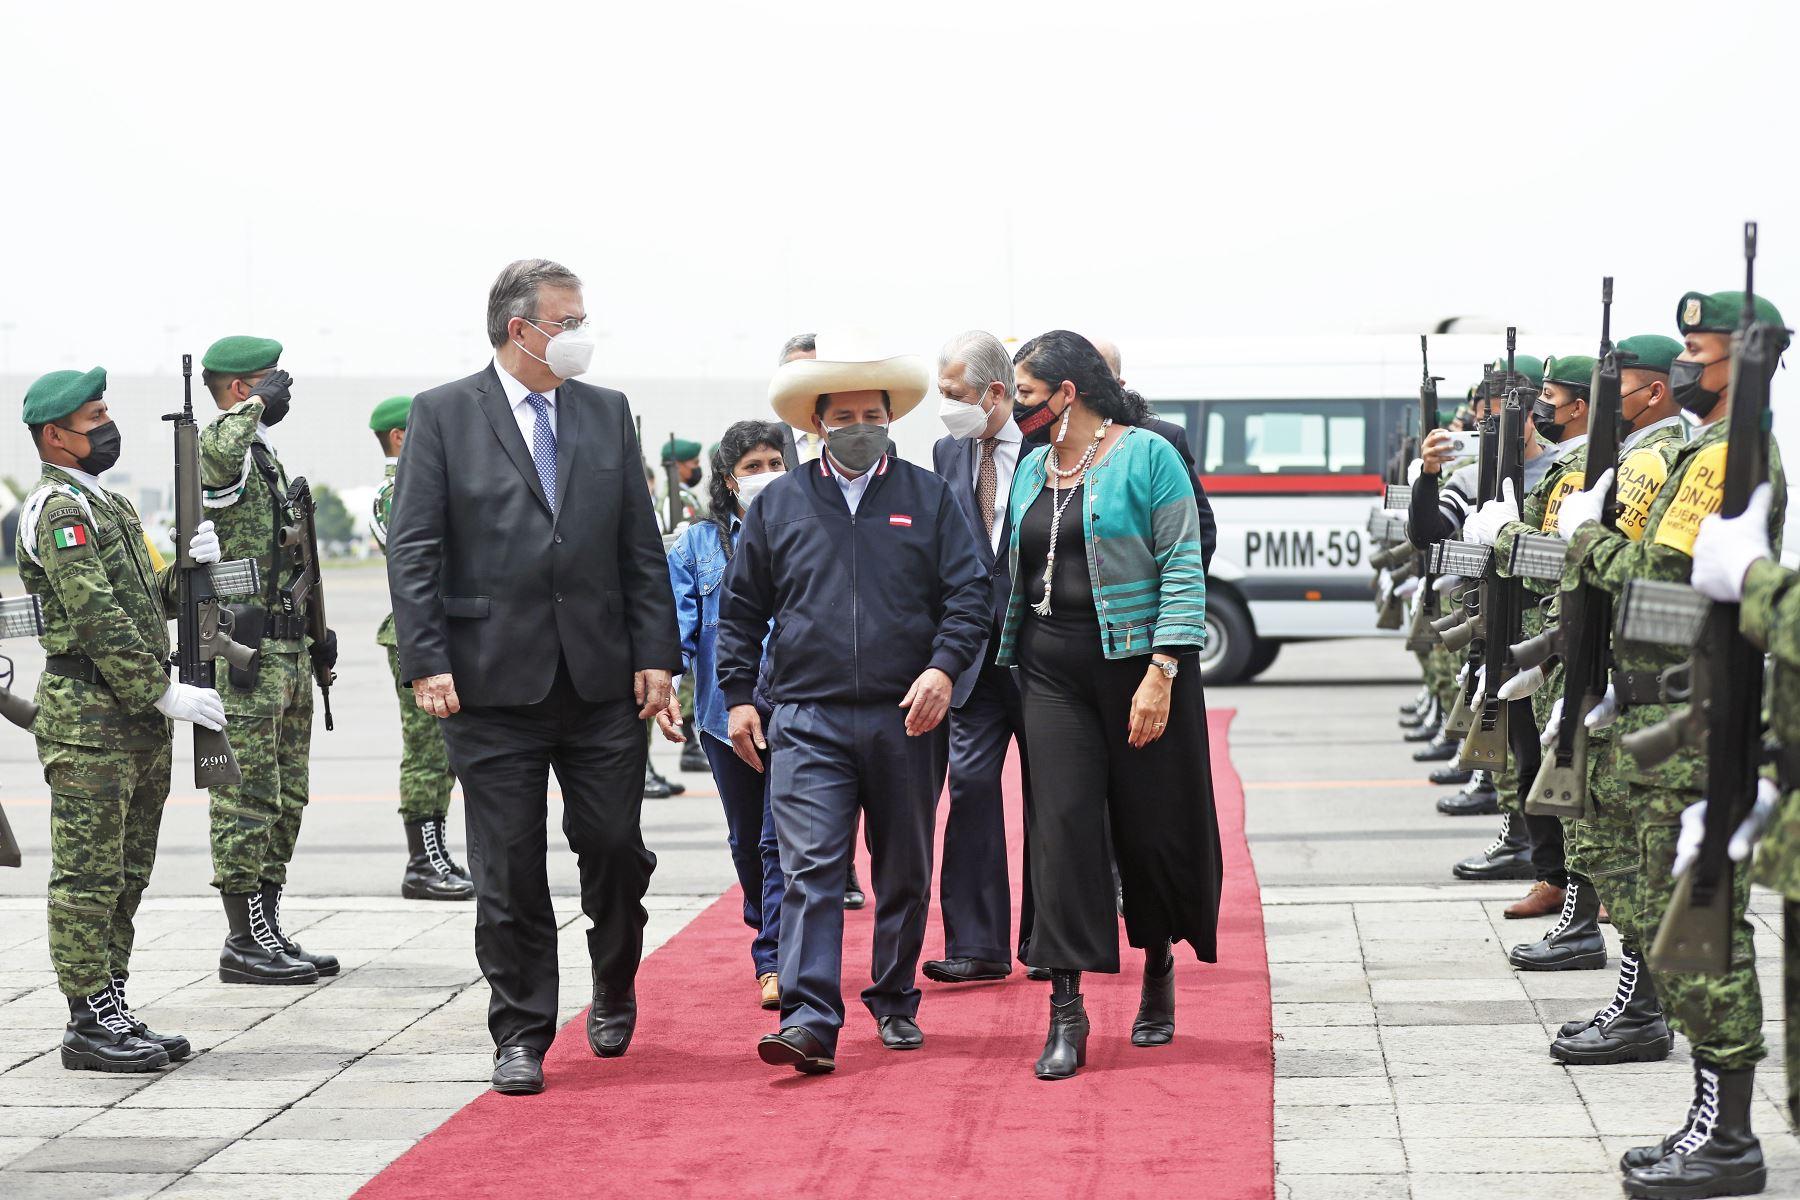 El presidente Pedro Castillo arribó a la ciudad de México y fue recibido por el canciller Marcelo Ebrard y la secretaria de Cultura, Alejandra Frausto. Foto: ANDINA/Prensa Presidencia